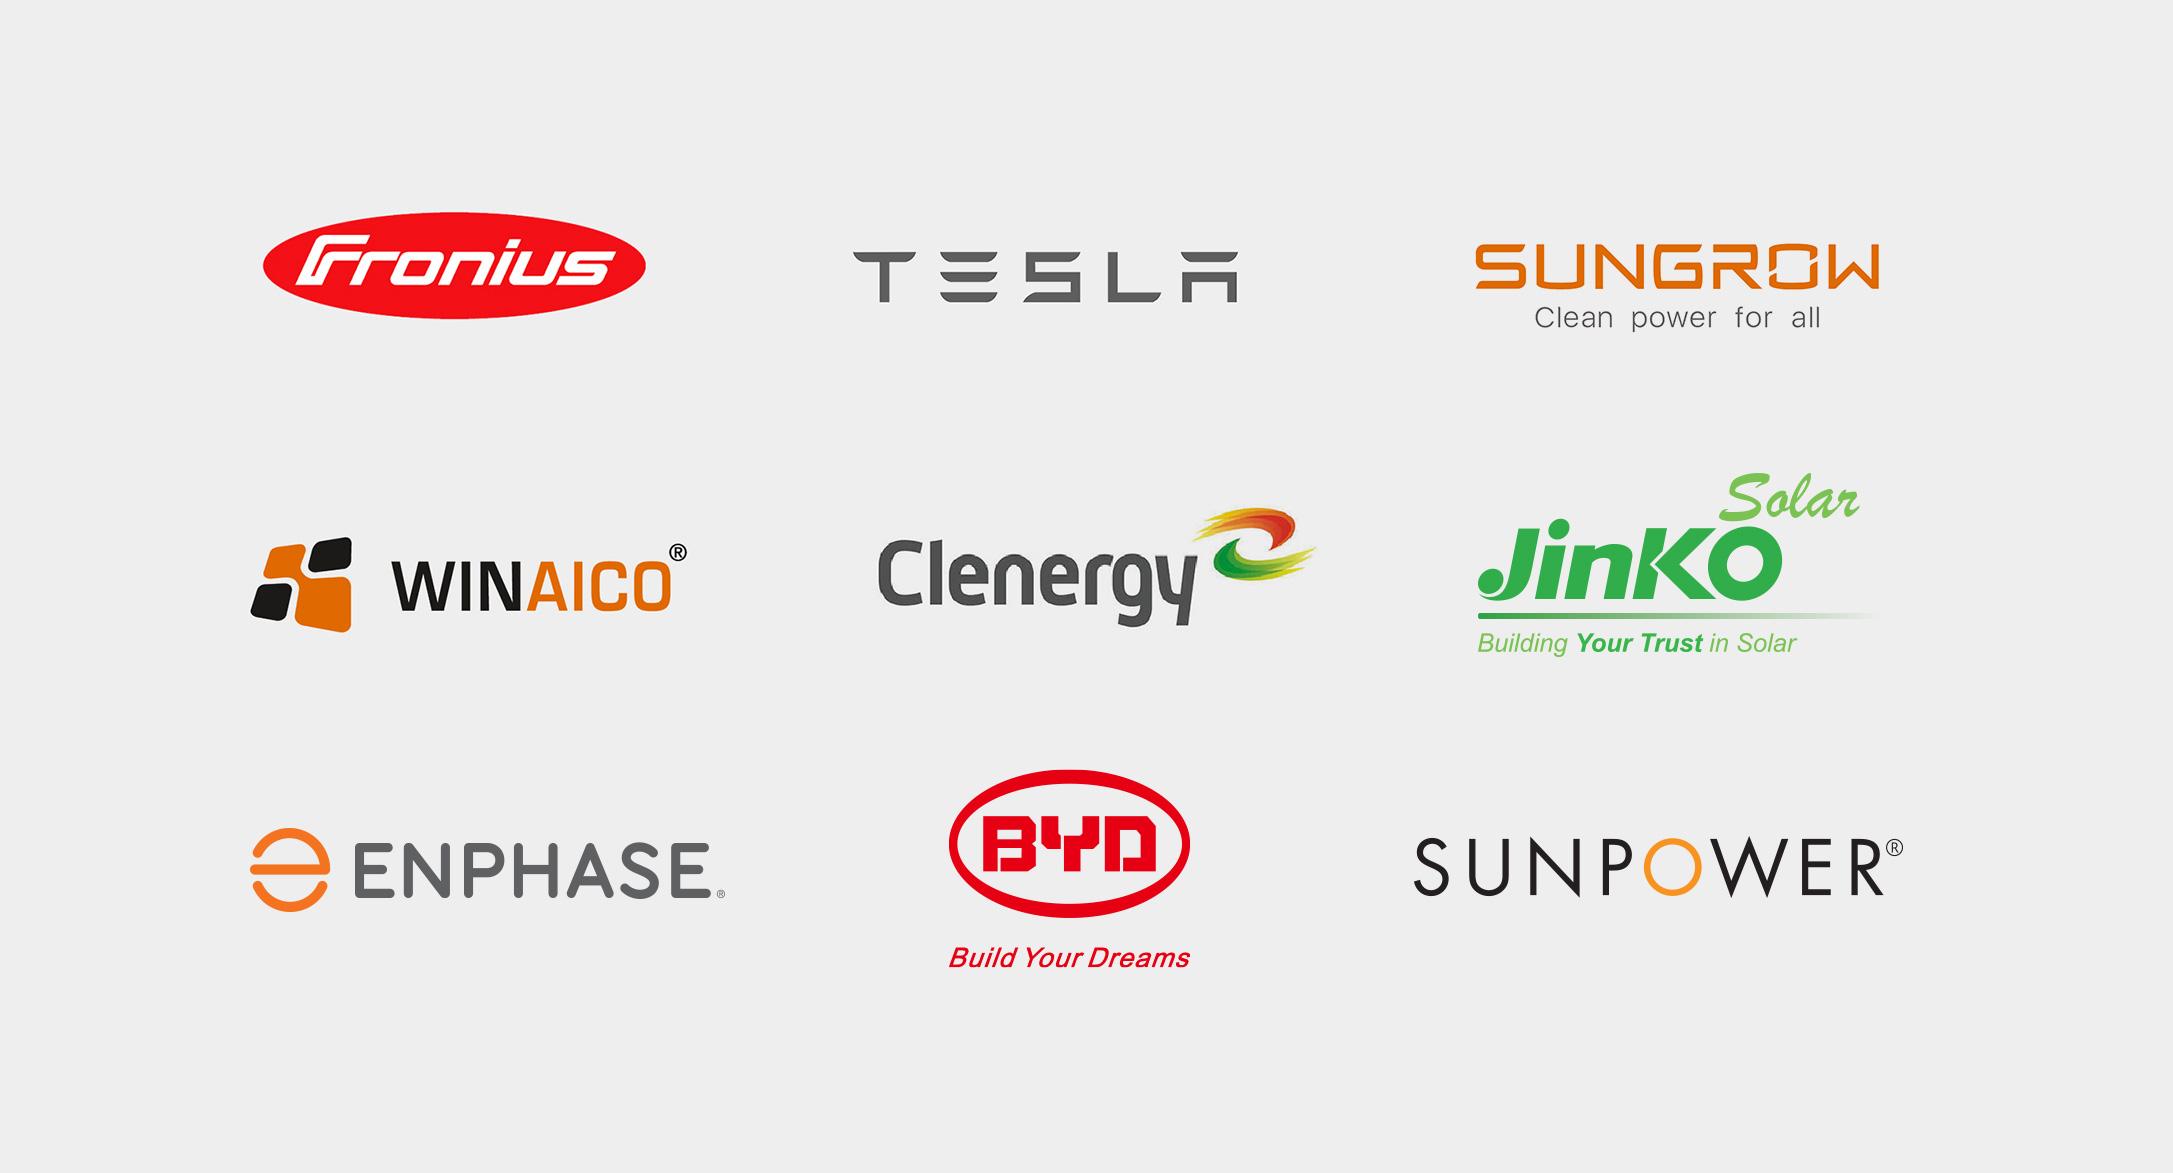 NRG partnerships and logos